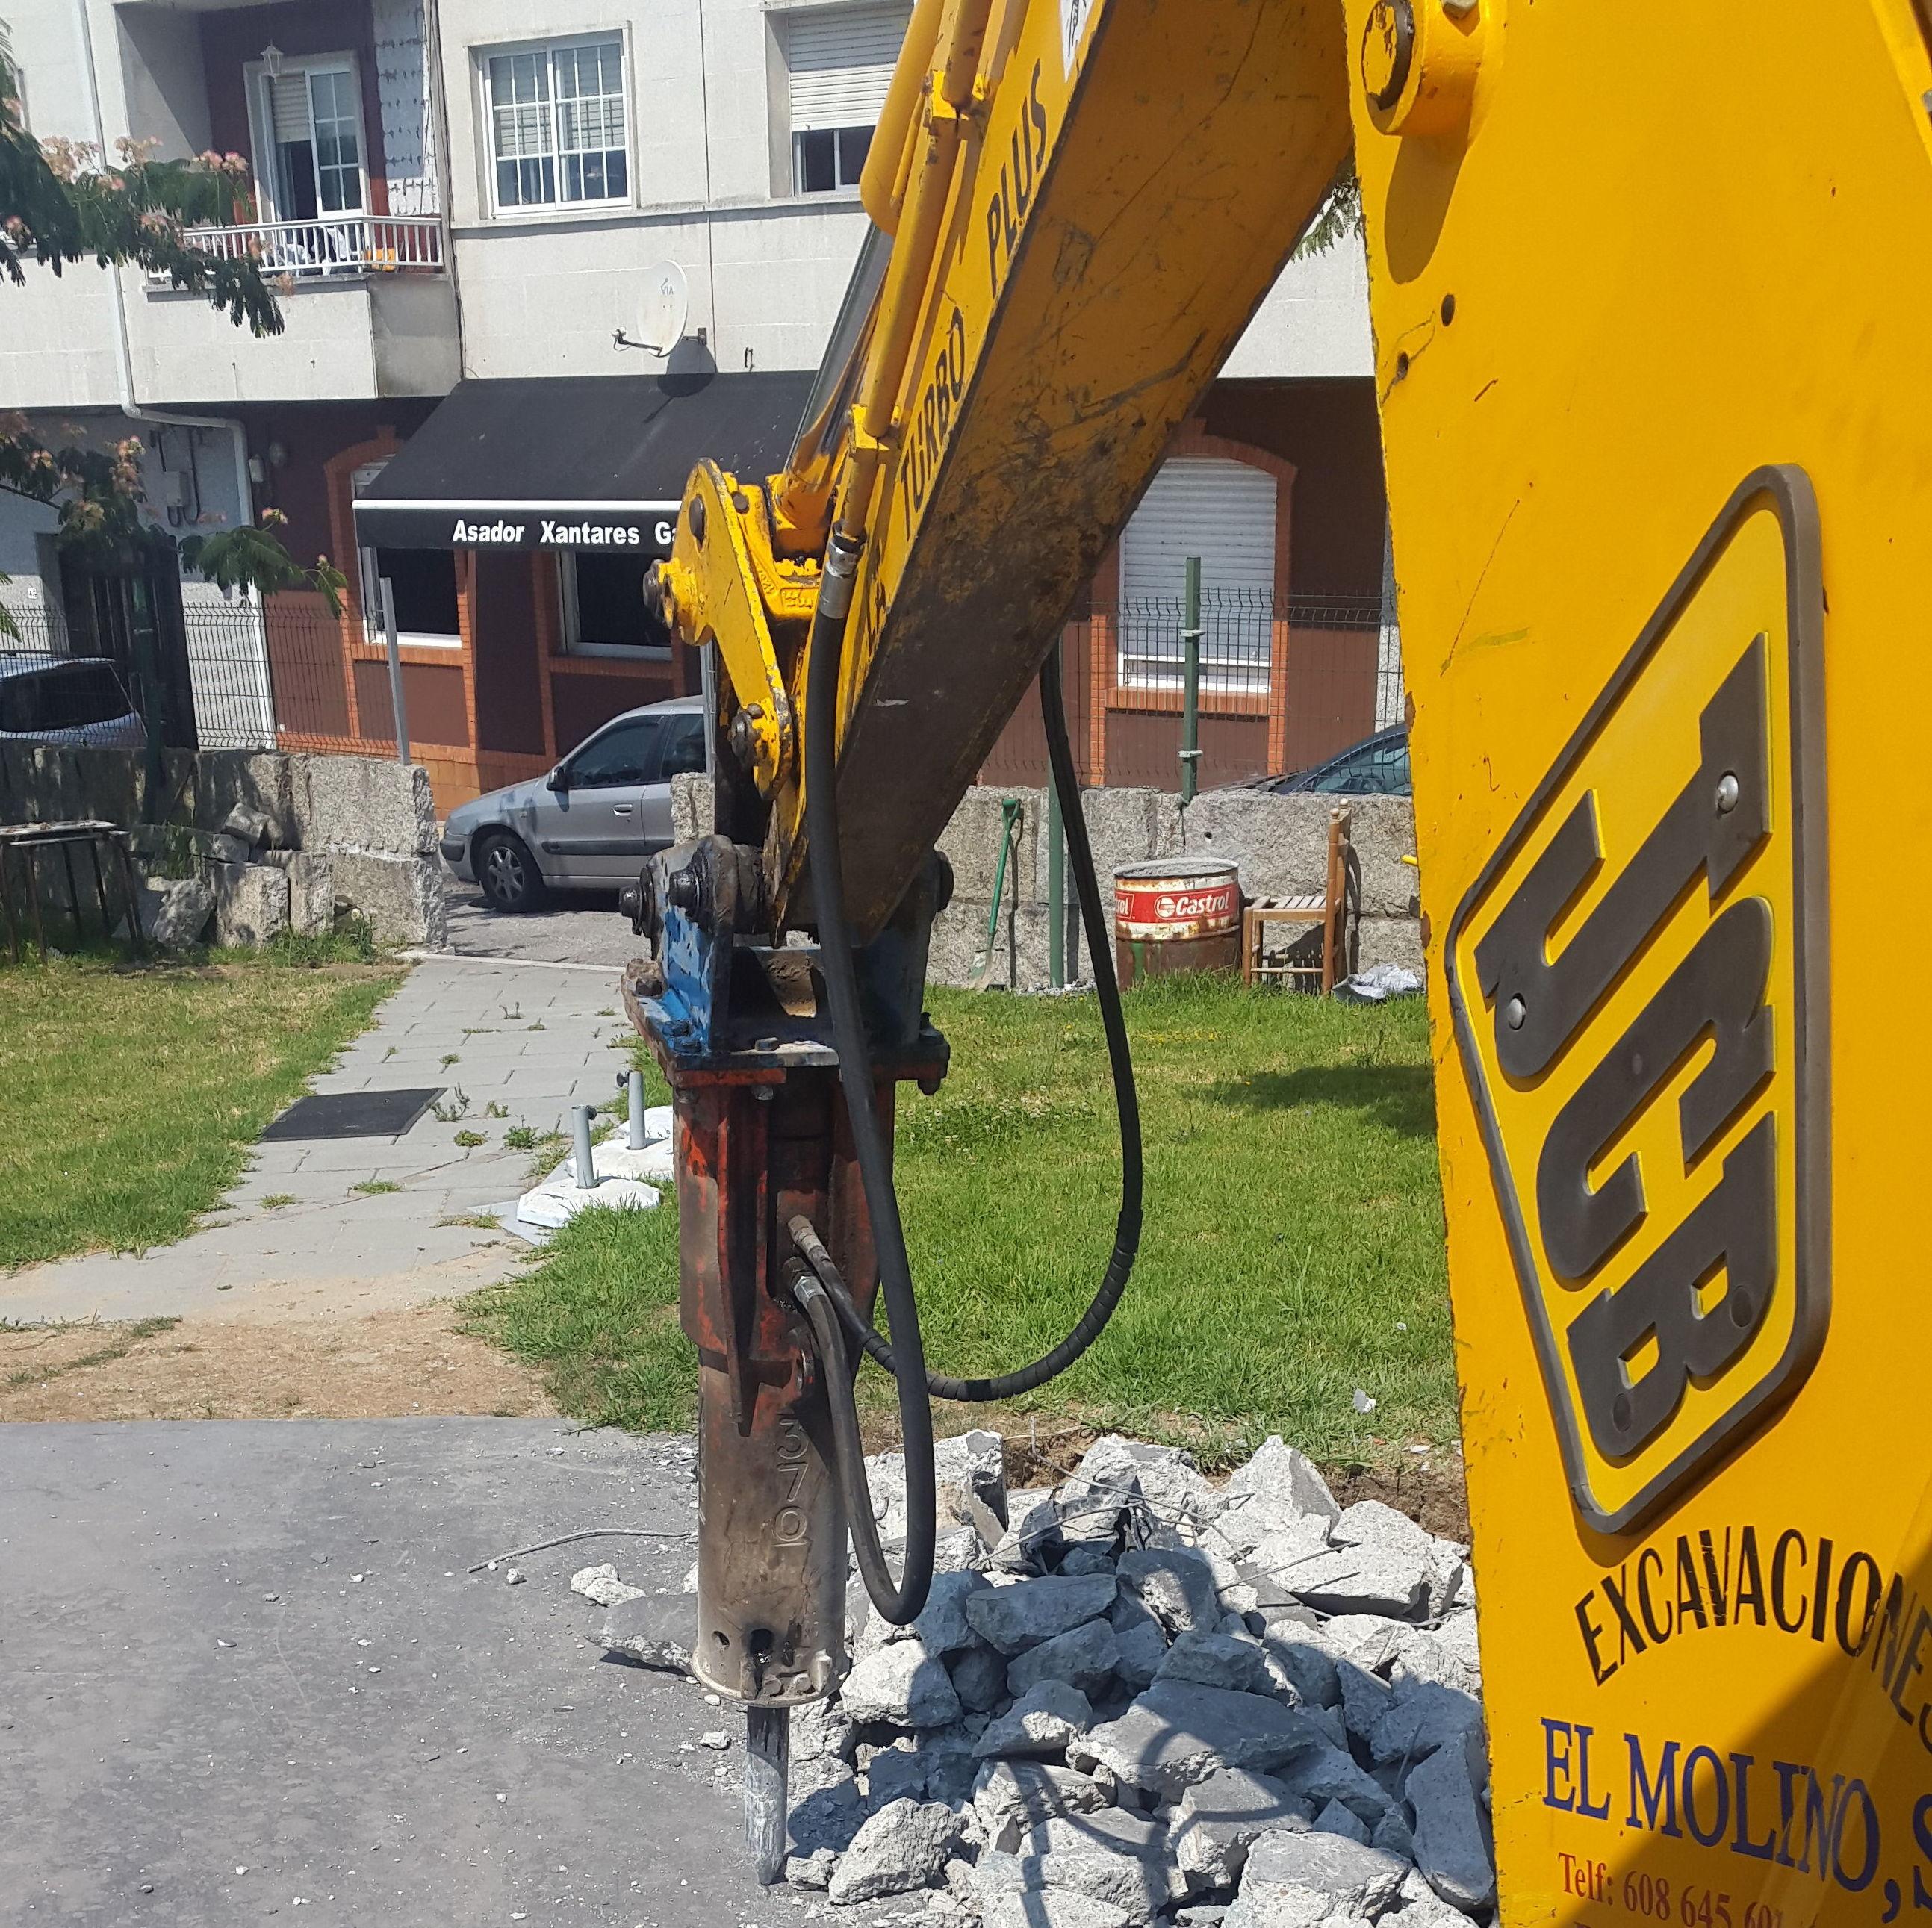 martillo hidraulico: nuestras maquinas de Excavaciones El Molino, S.L.